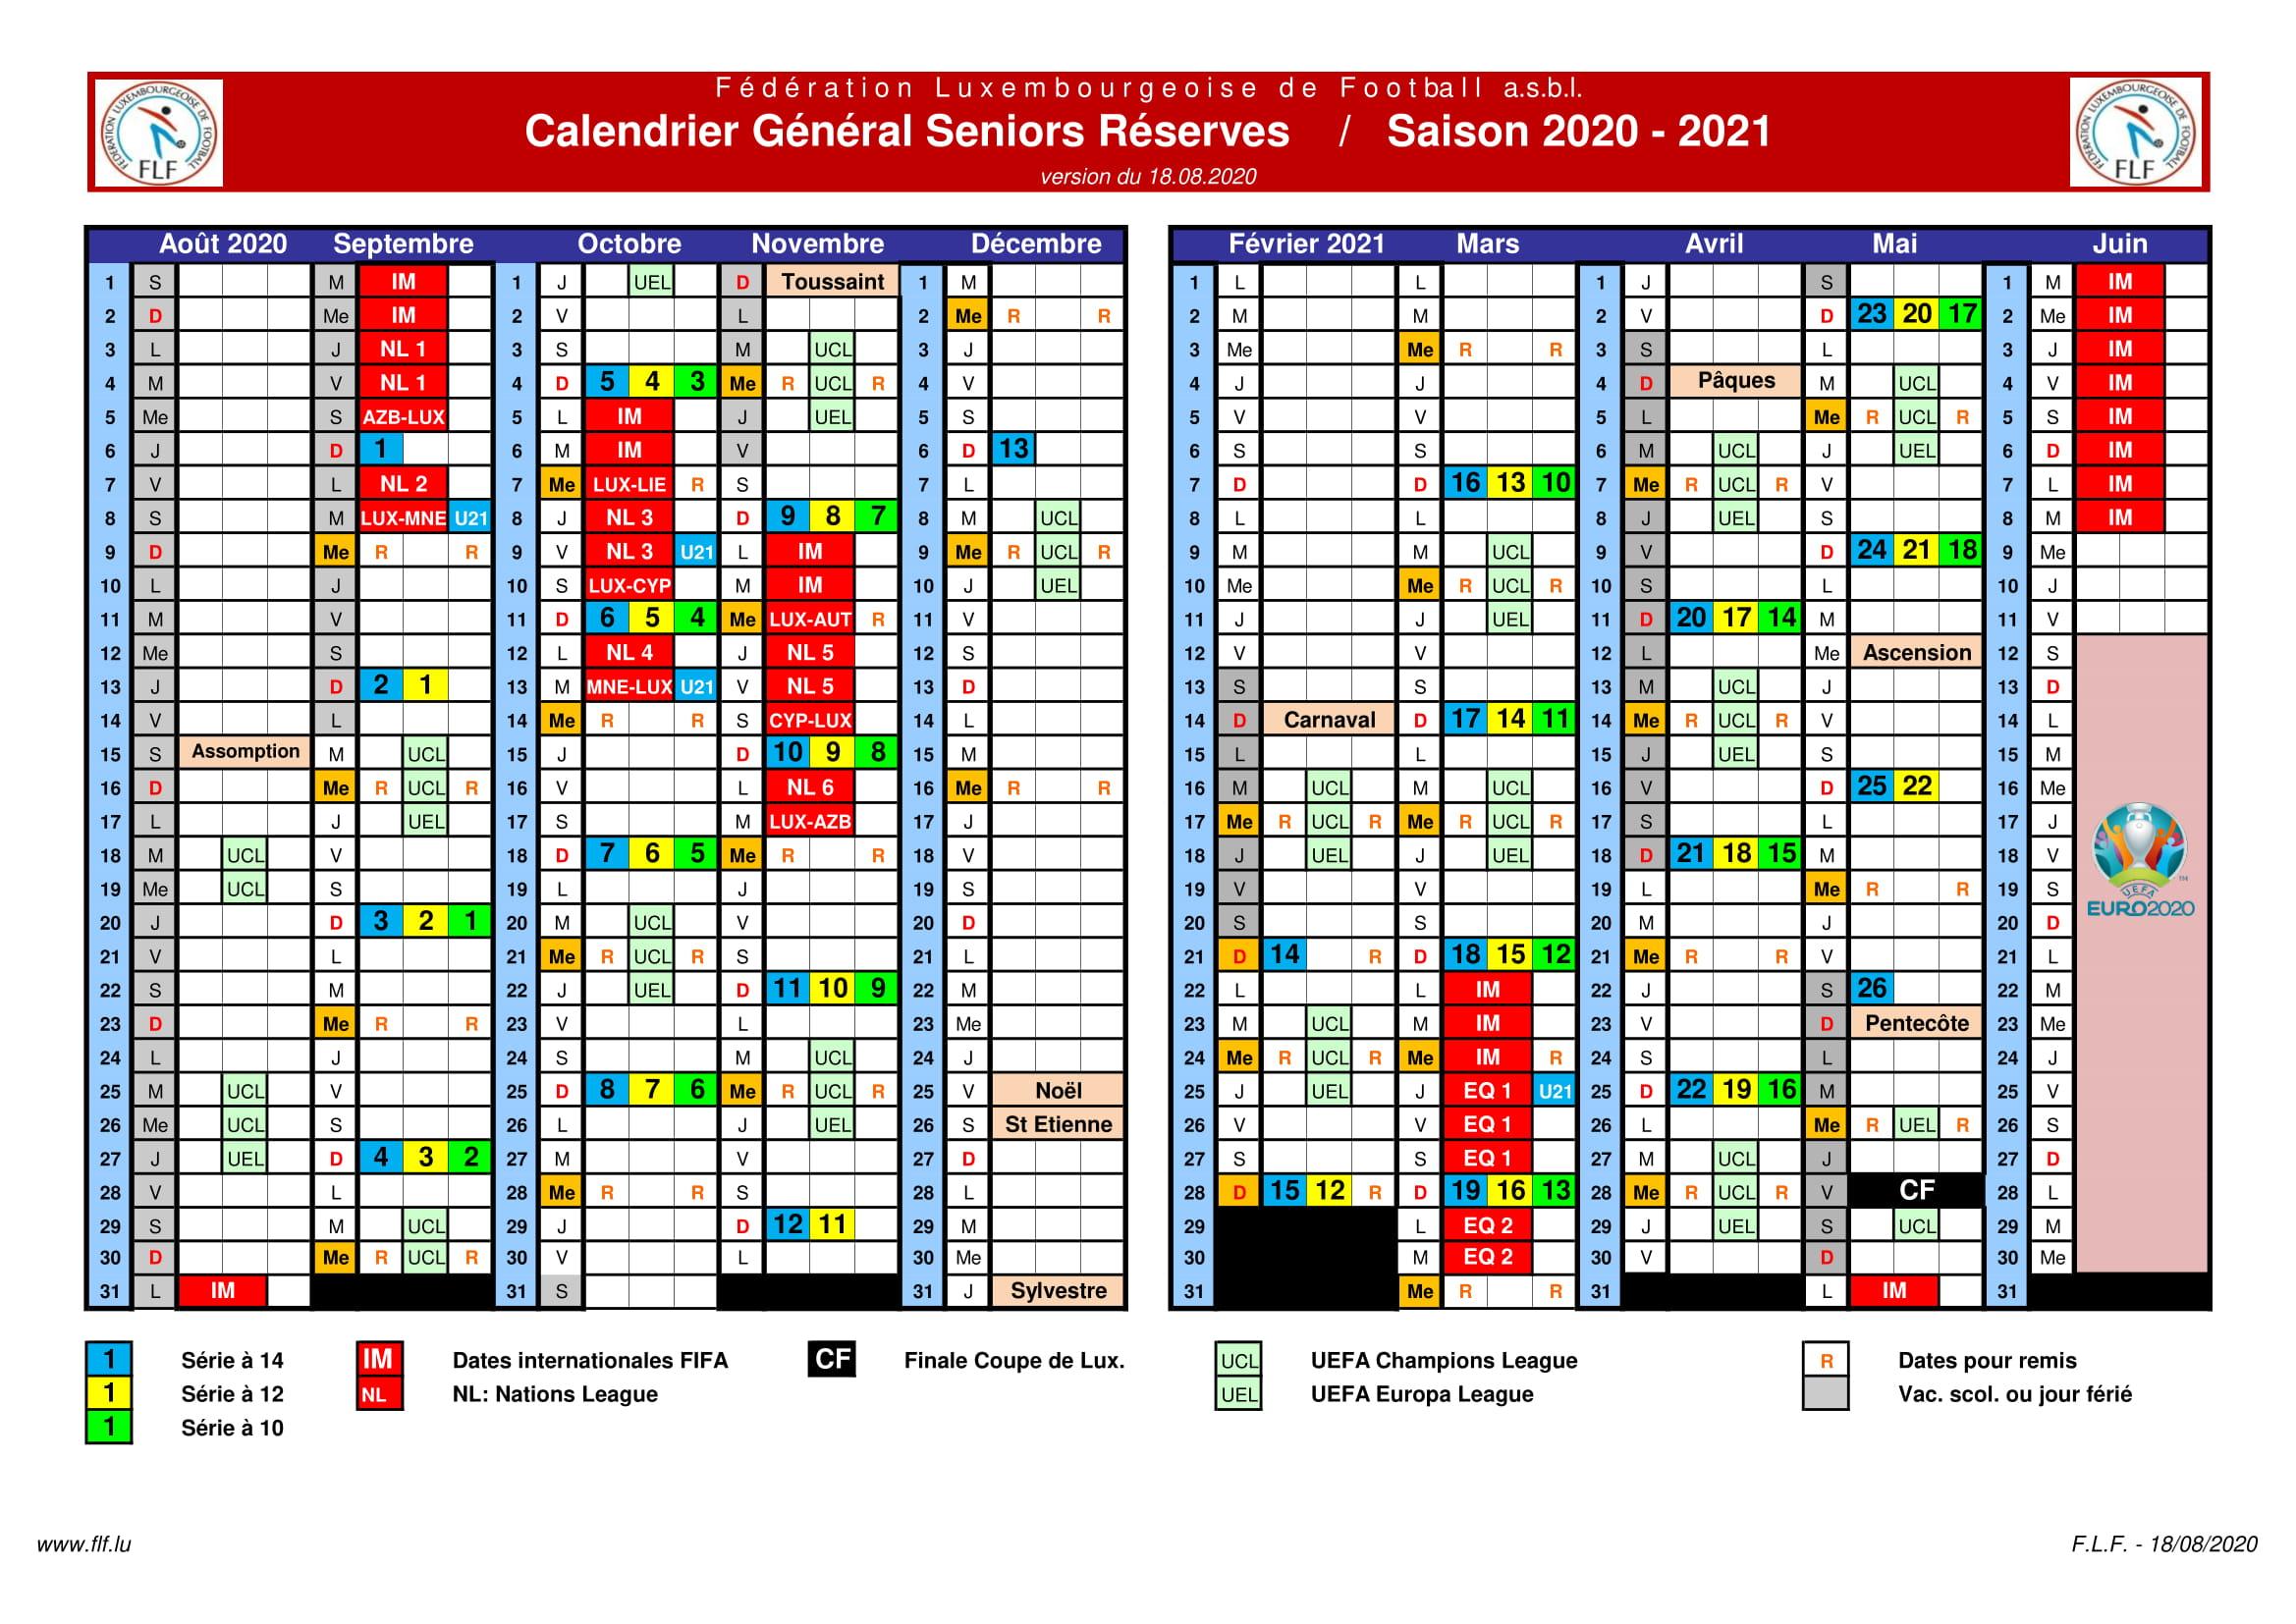 Calendrier Général Seniors Réserves